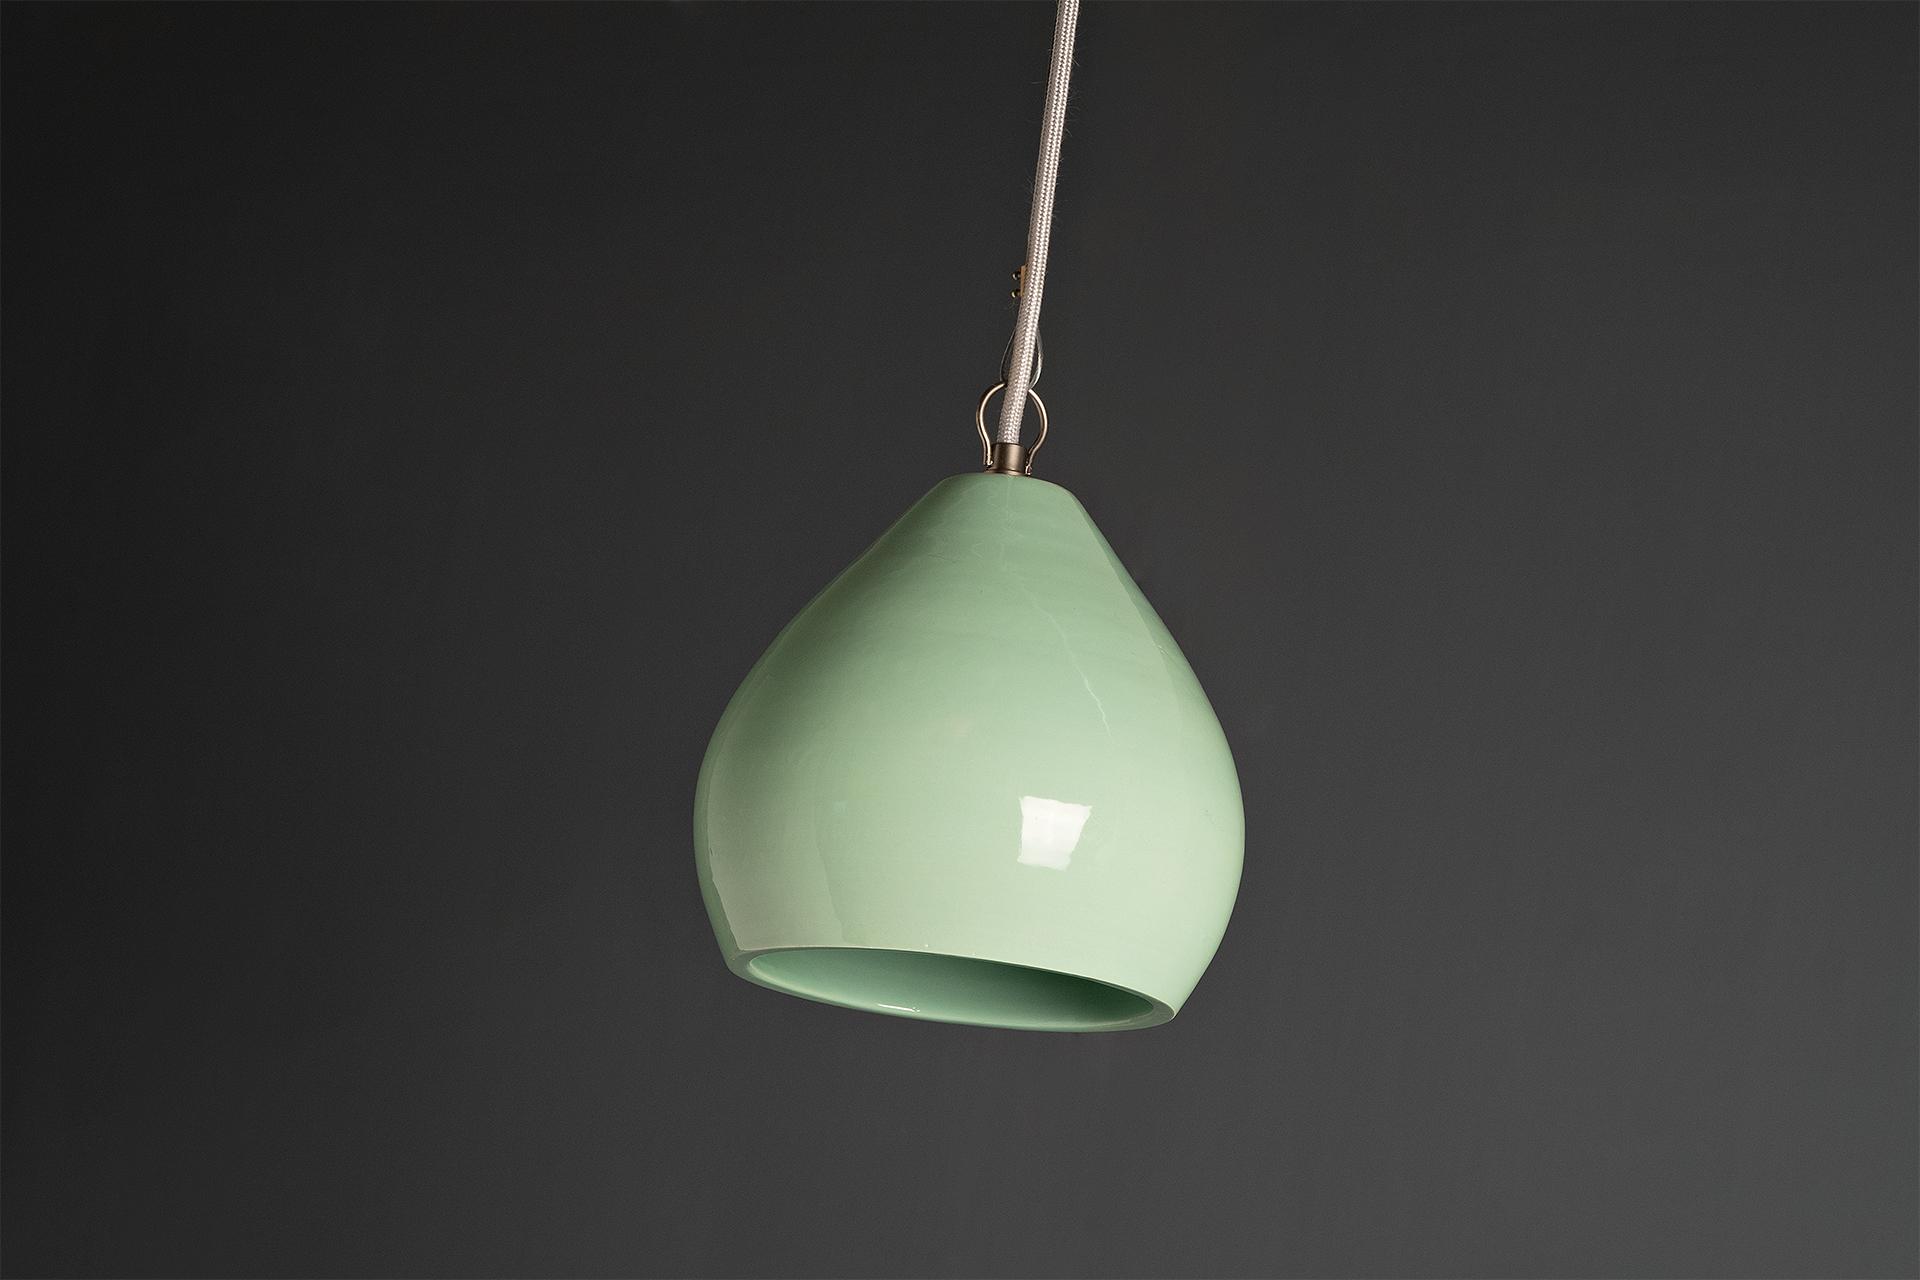 Phyo, lampada a sospensione componibile e disponibile in due formati, realizzata artigianalmente in argilla smaltata